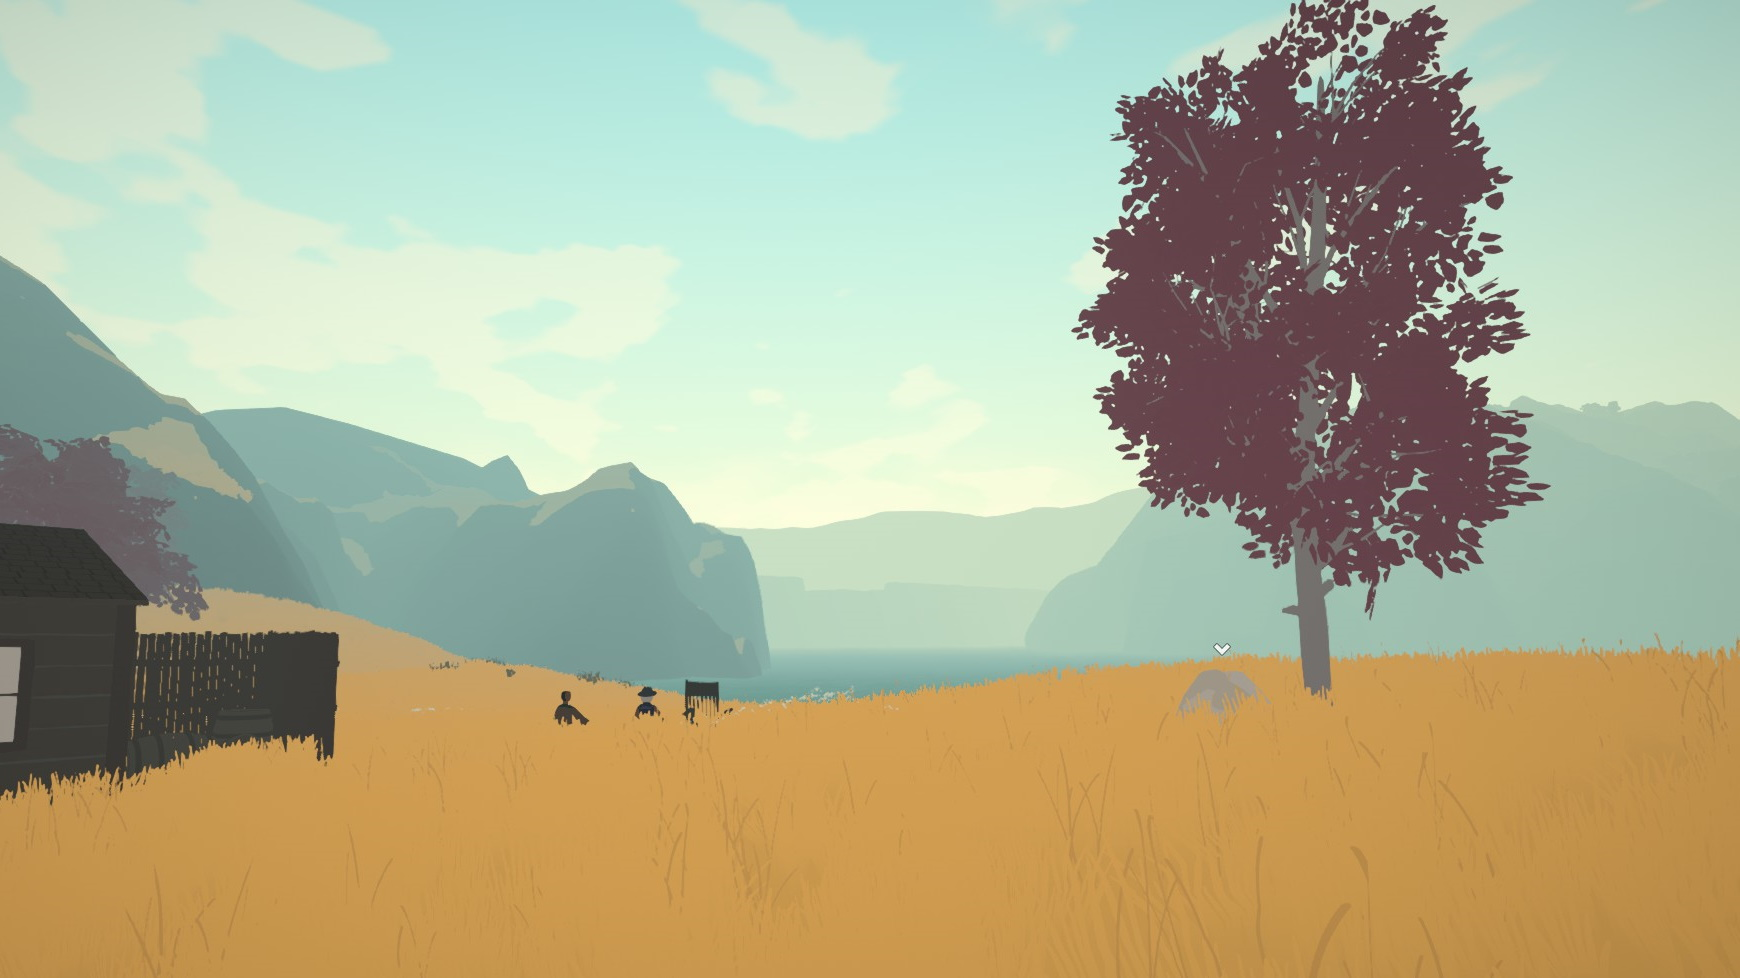 Una vista del paisaje.  Montañas distantes, un lago, un árbol a la derecha, una choza de madera a la izquierda y dos personas sentadas en la alta hierba amarilla contemplando todo.